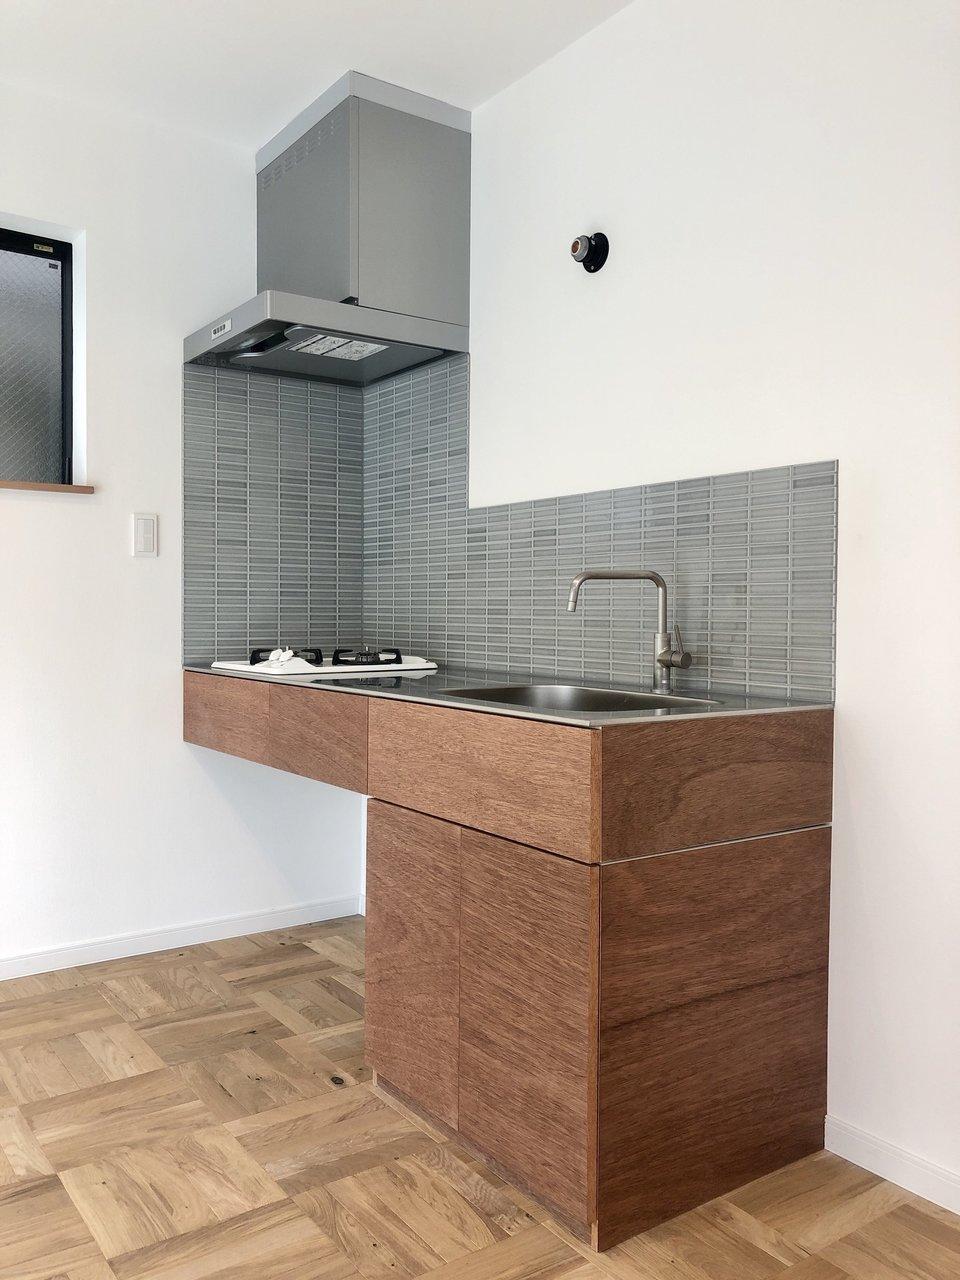 グレー&ブラウンの色調のキッチンは、とってもシンプルな造り。コンロ下にはスチールワゴンを置いて、調味料や鍋などの調理器具をしまう場所にしてはいかがでしょう。